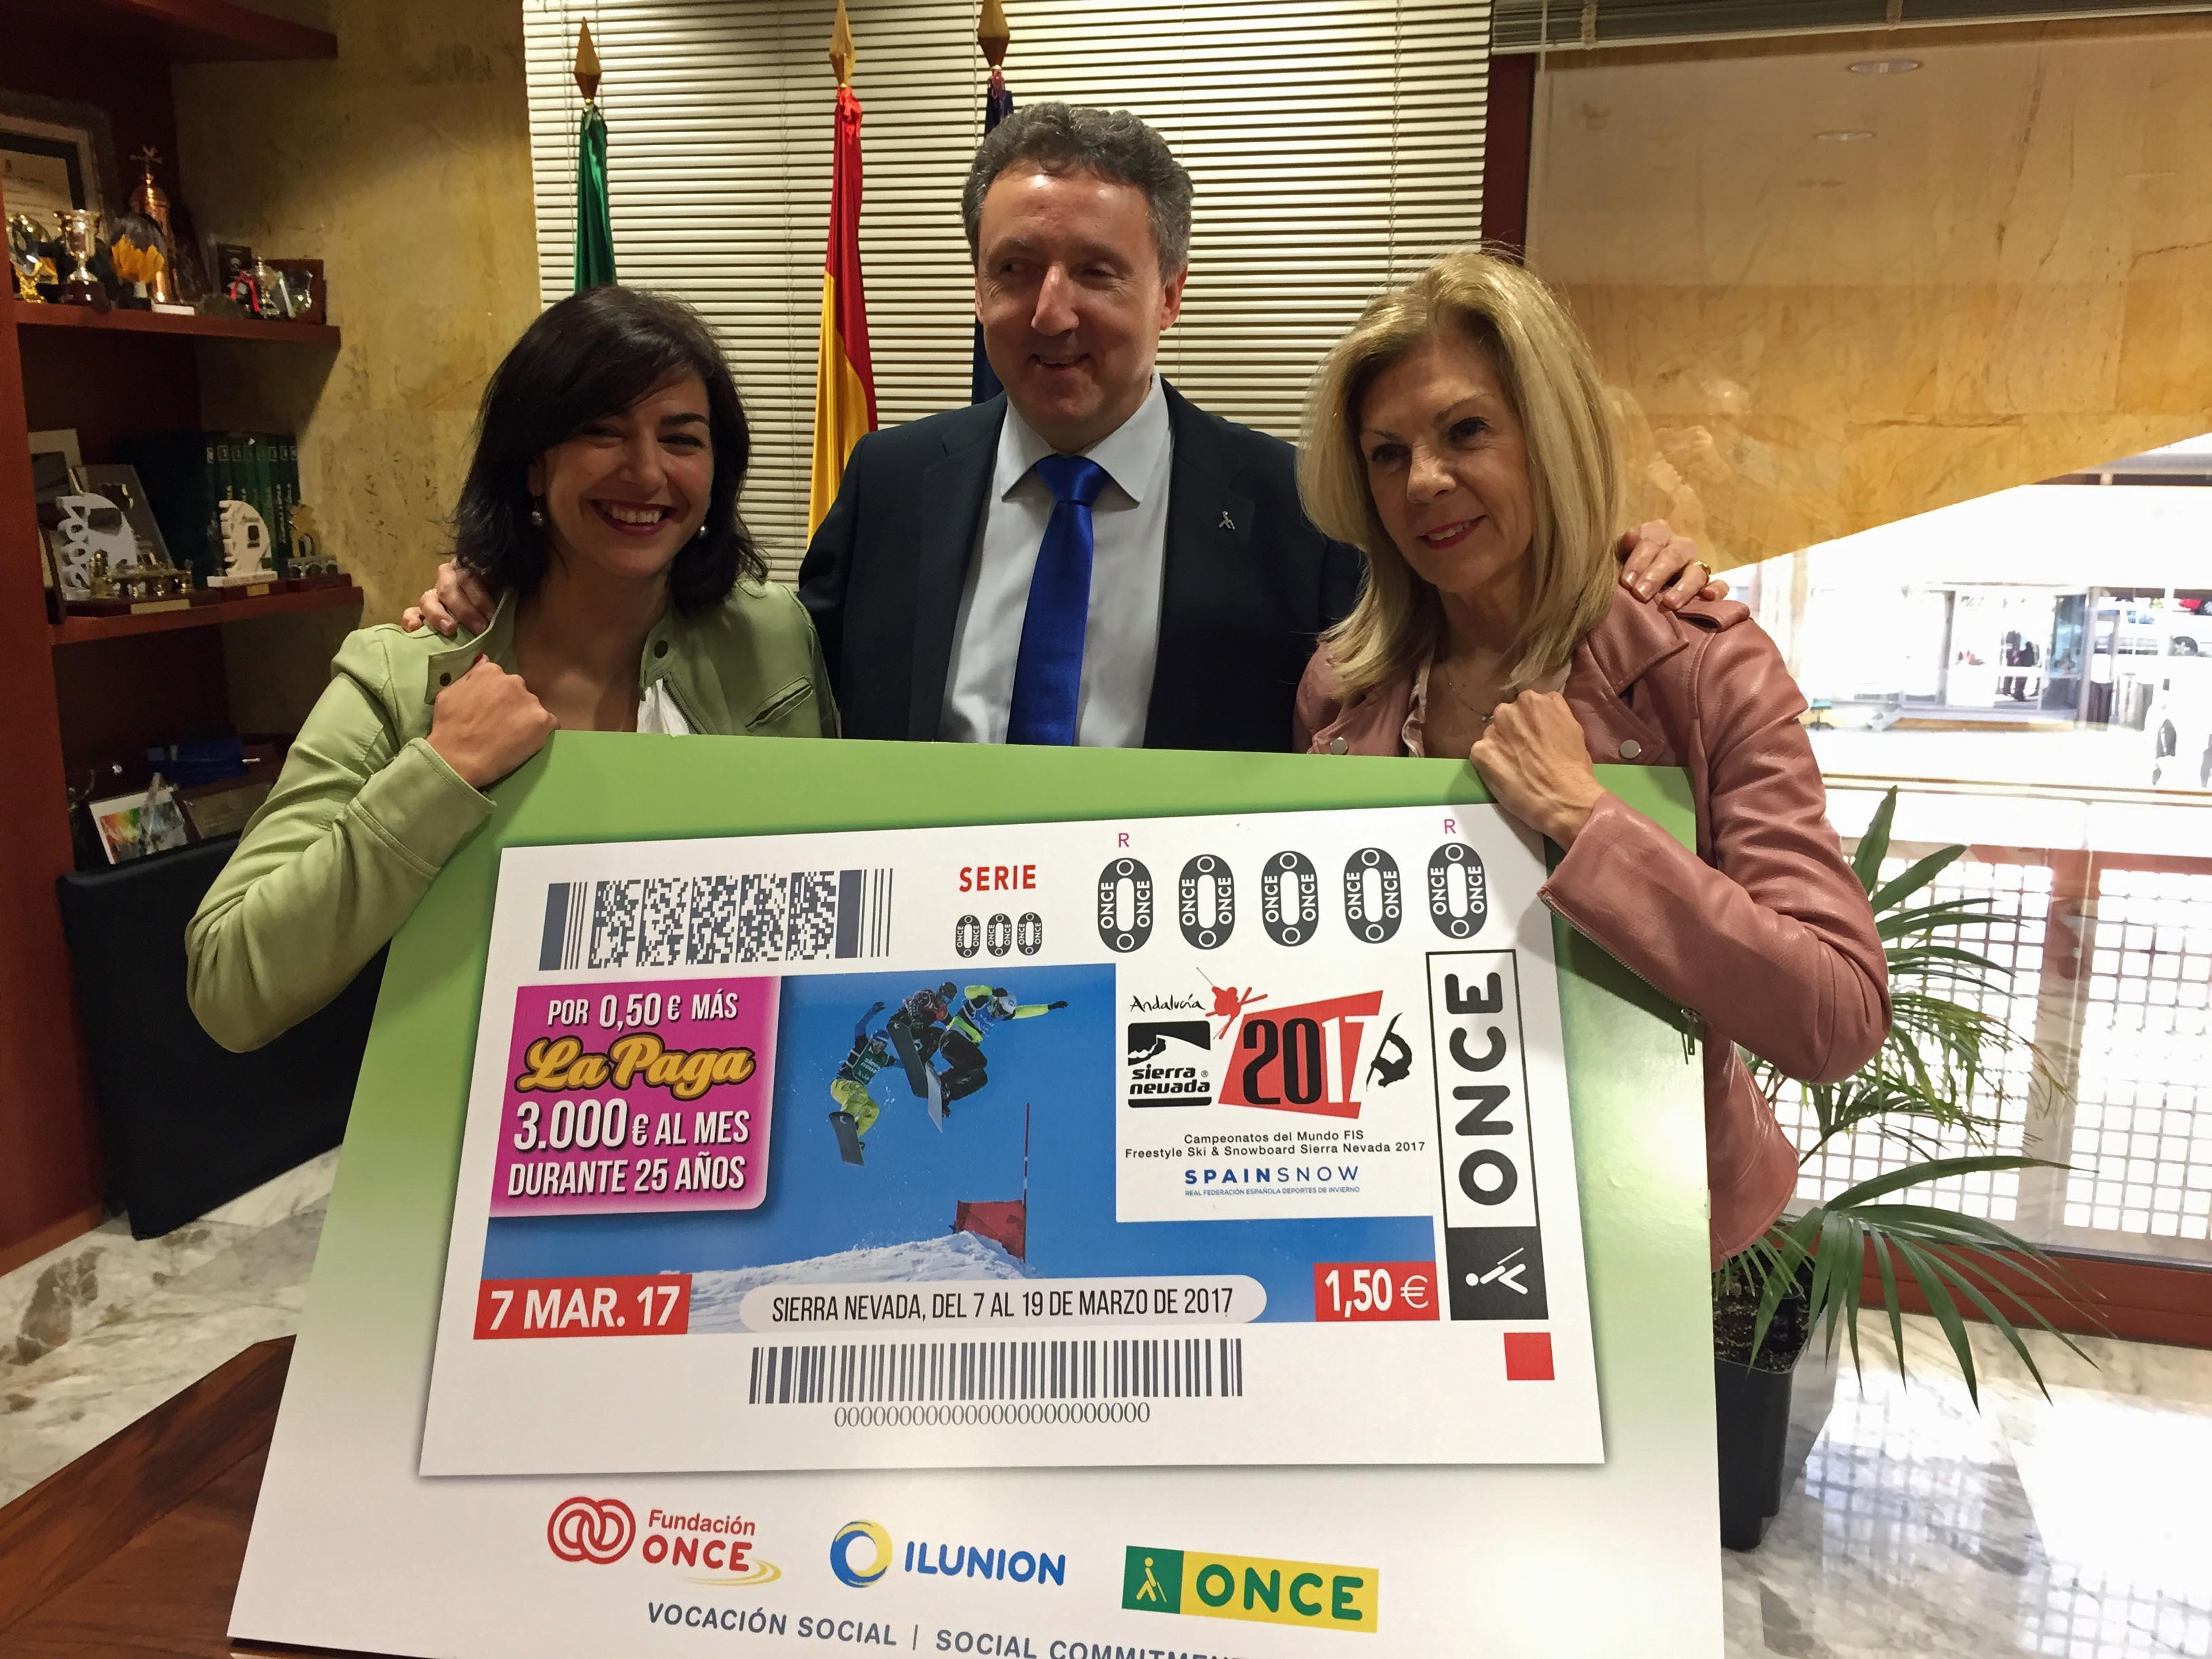 Presentación del cupón en la sede de la Consejería de Turismo y Deportes de la Junta de Andalucía